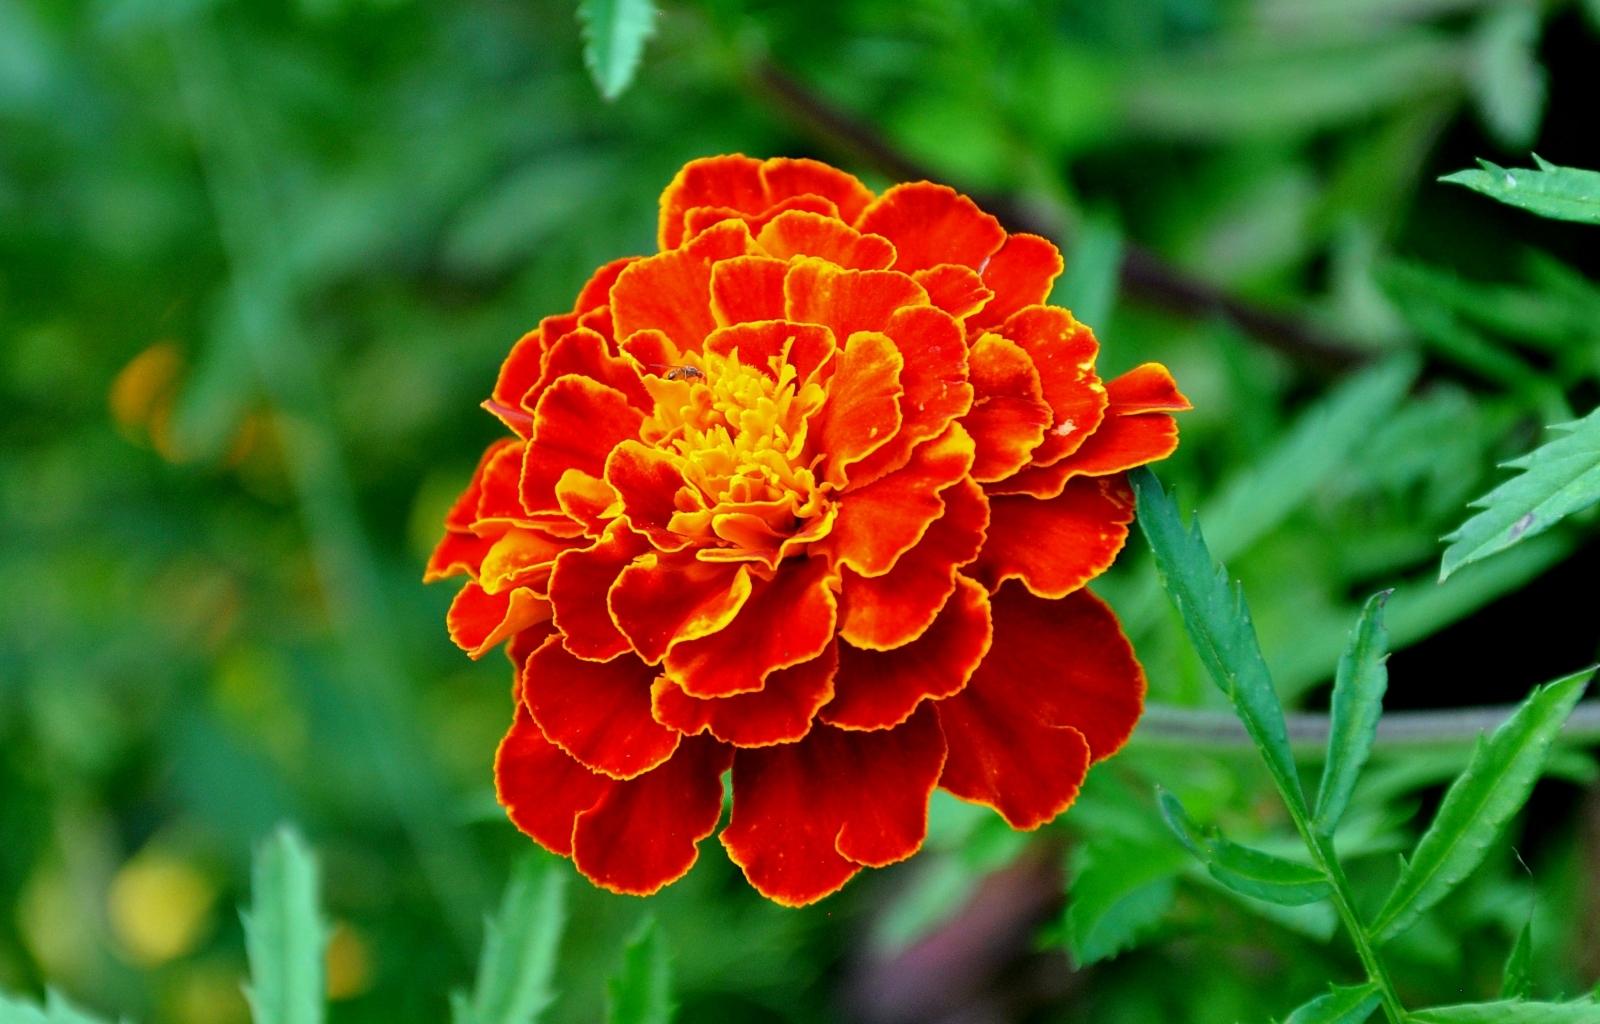 40269 скачать обои Растения, Цветы - заставки и картинки бесплатно